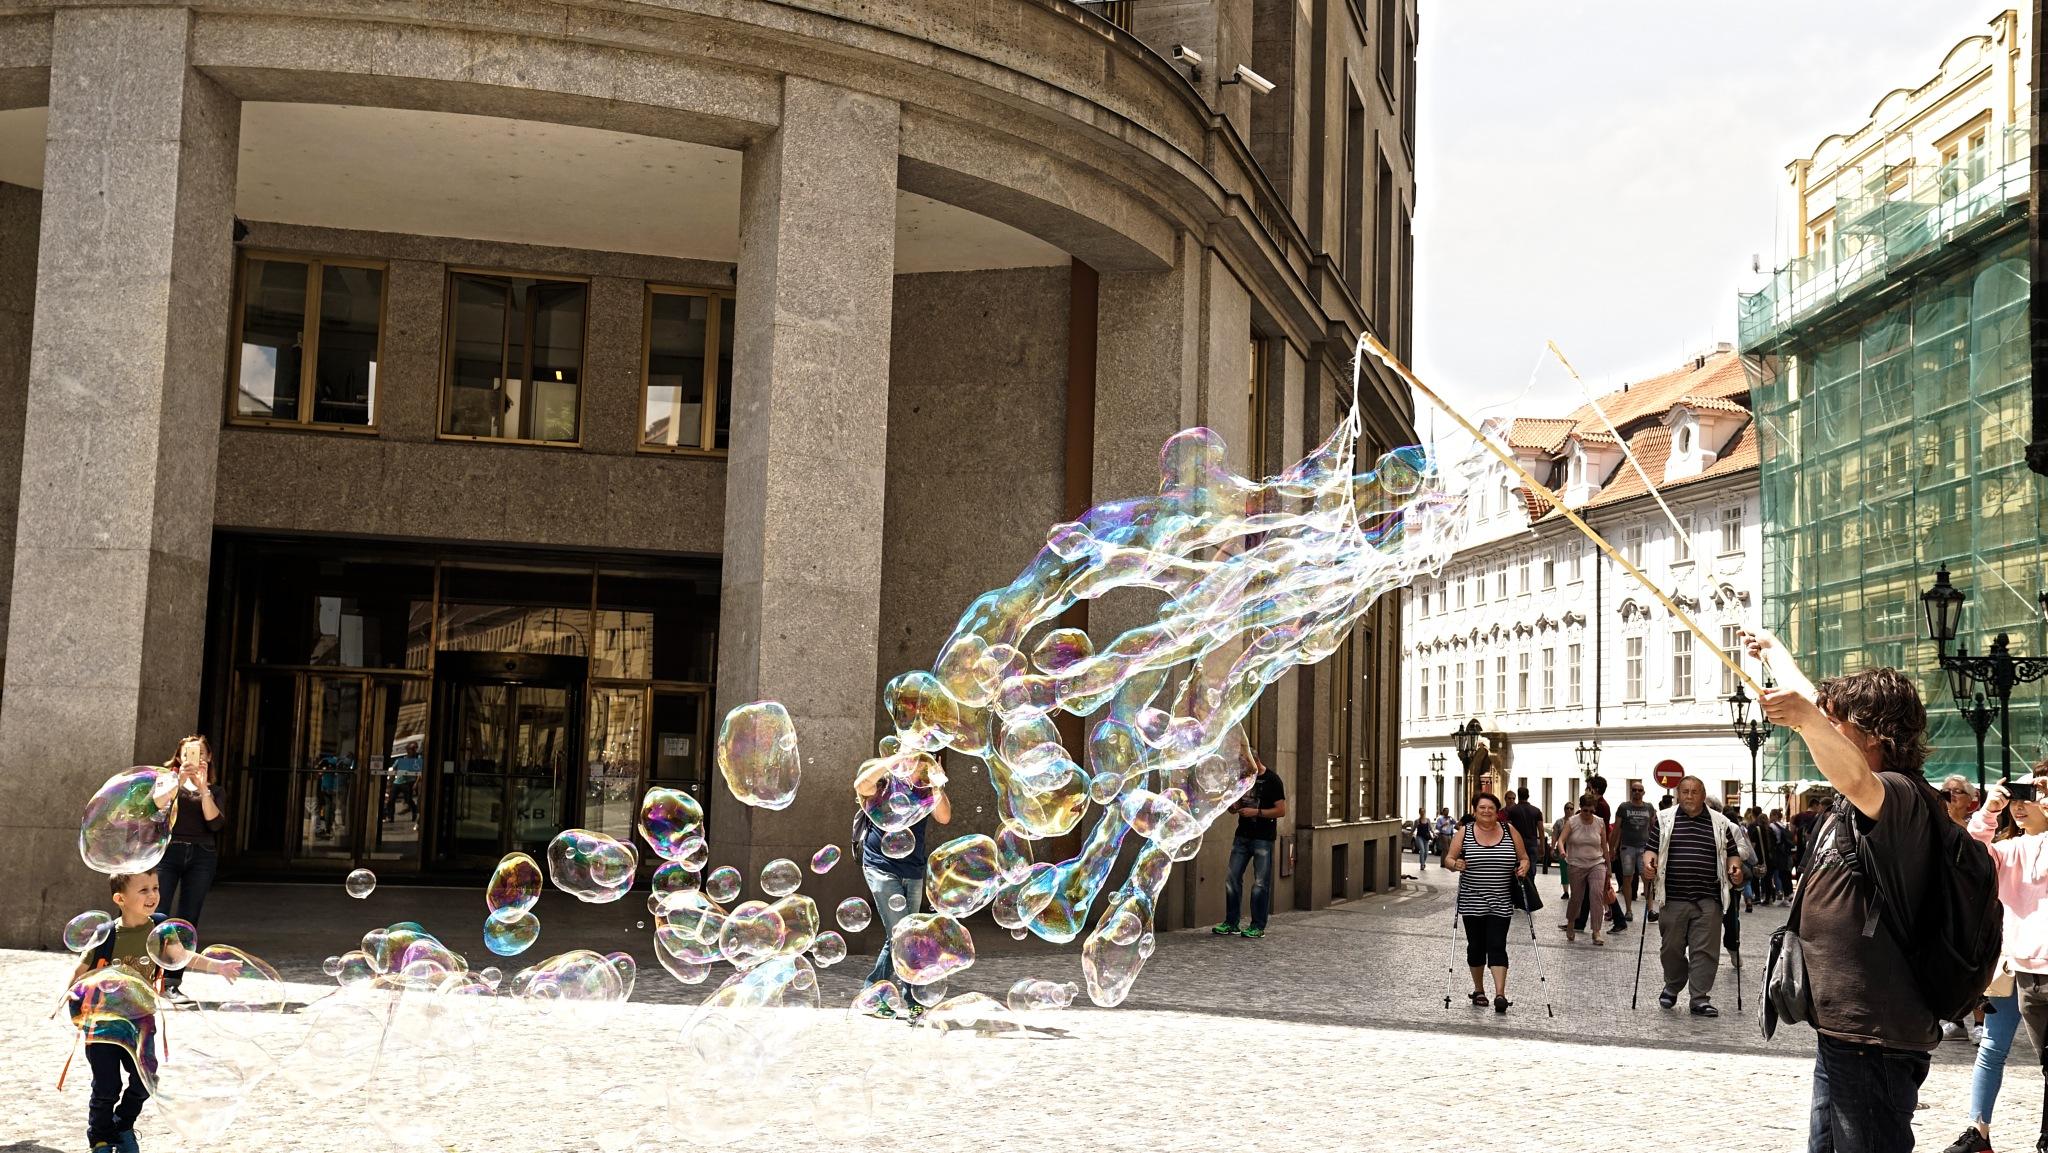 Bubble Show by Blackhawk